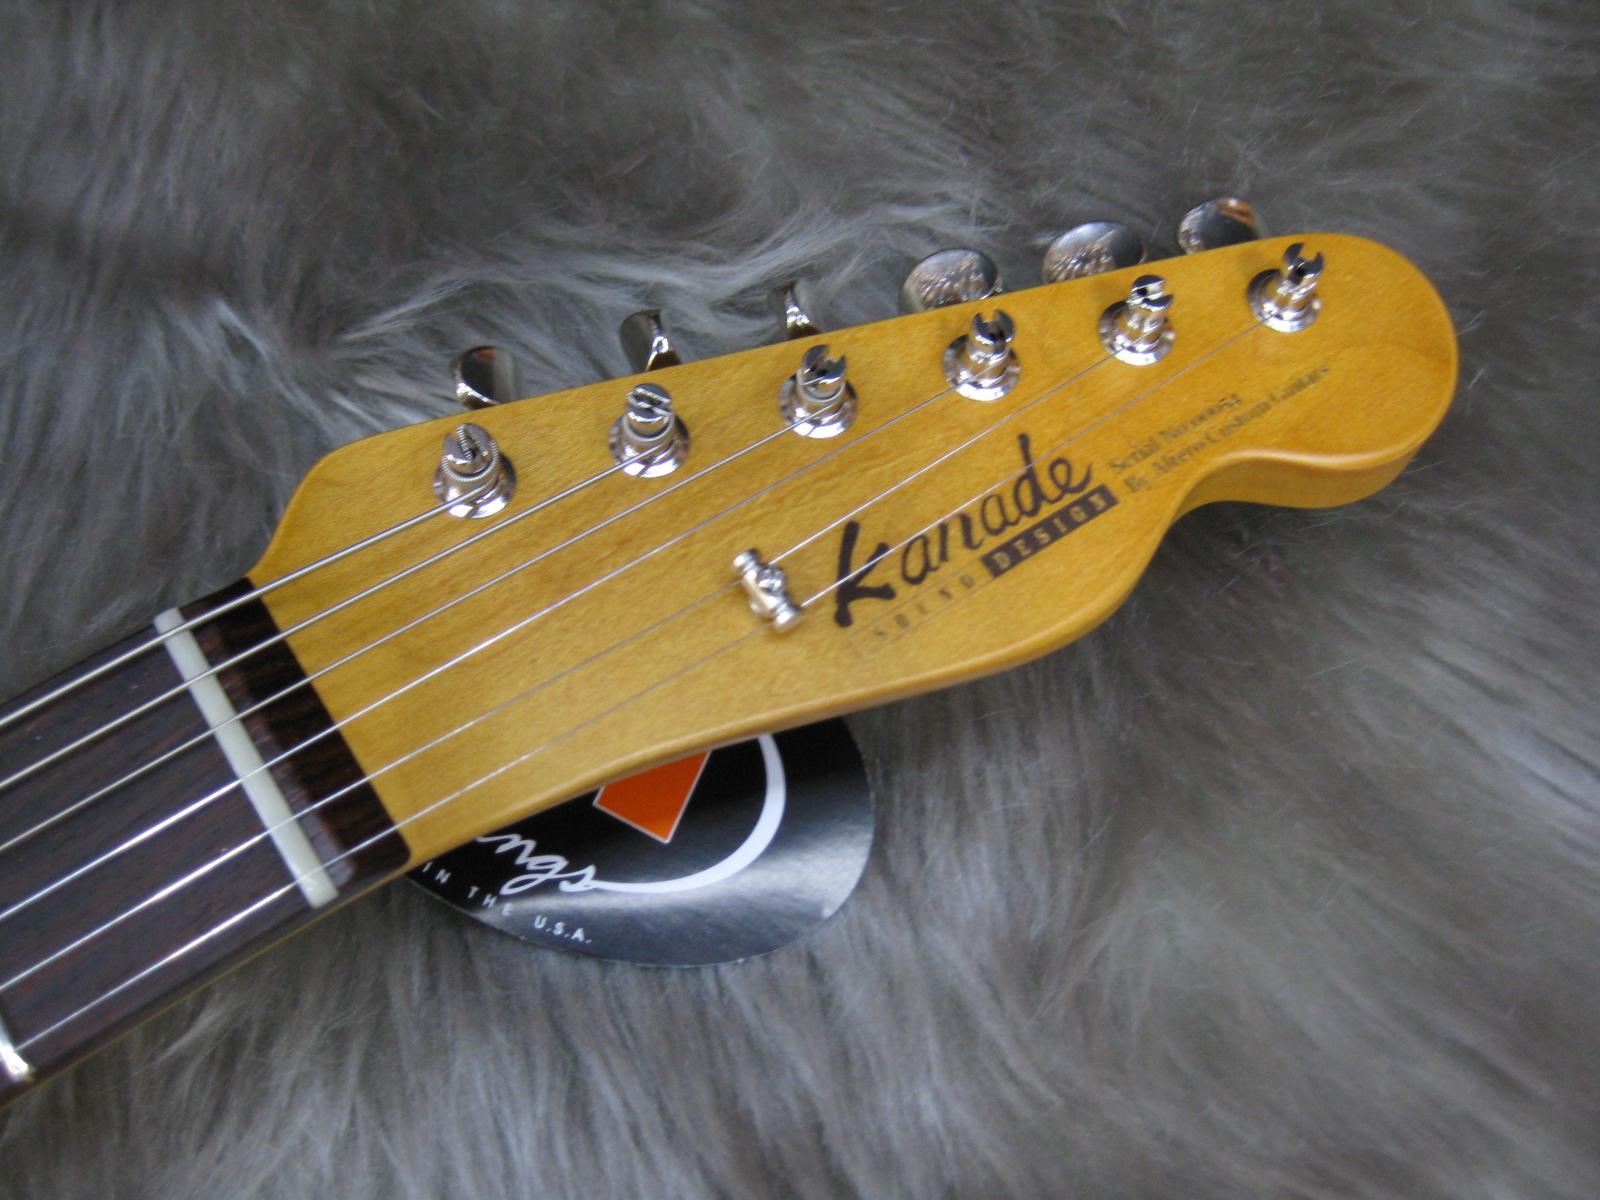 KTM-ASのヘッド画像